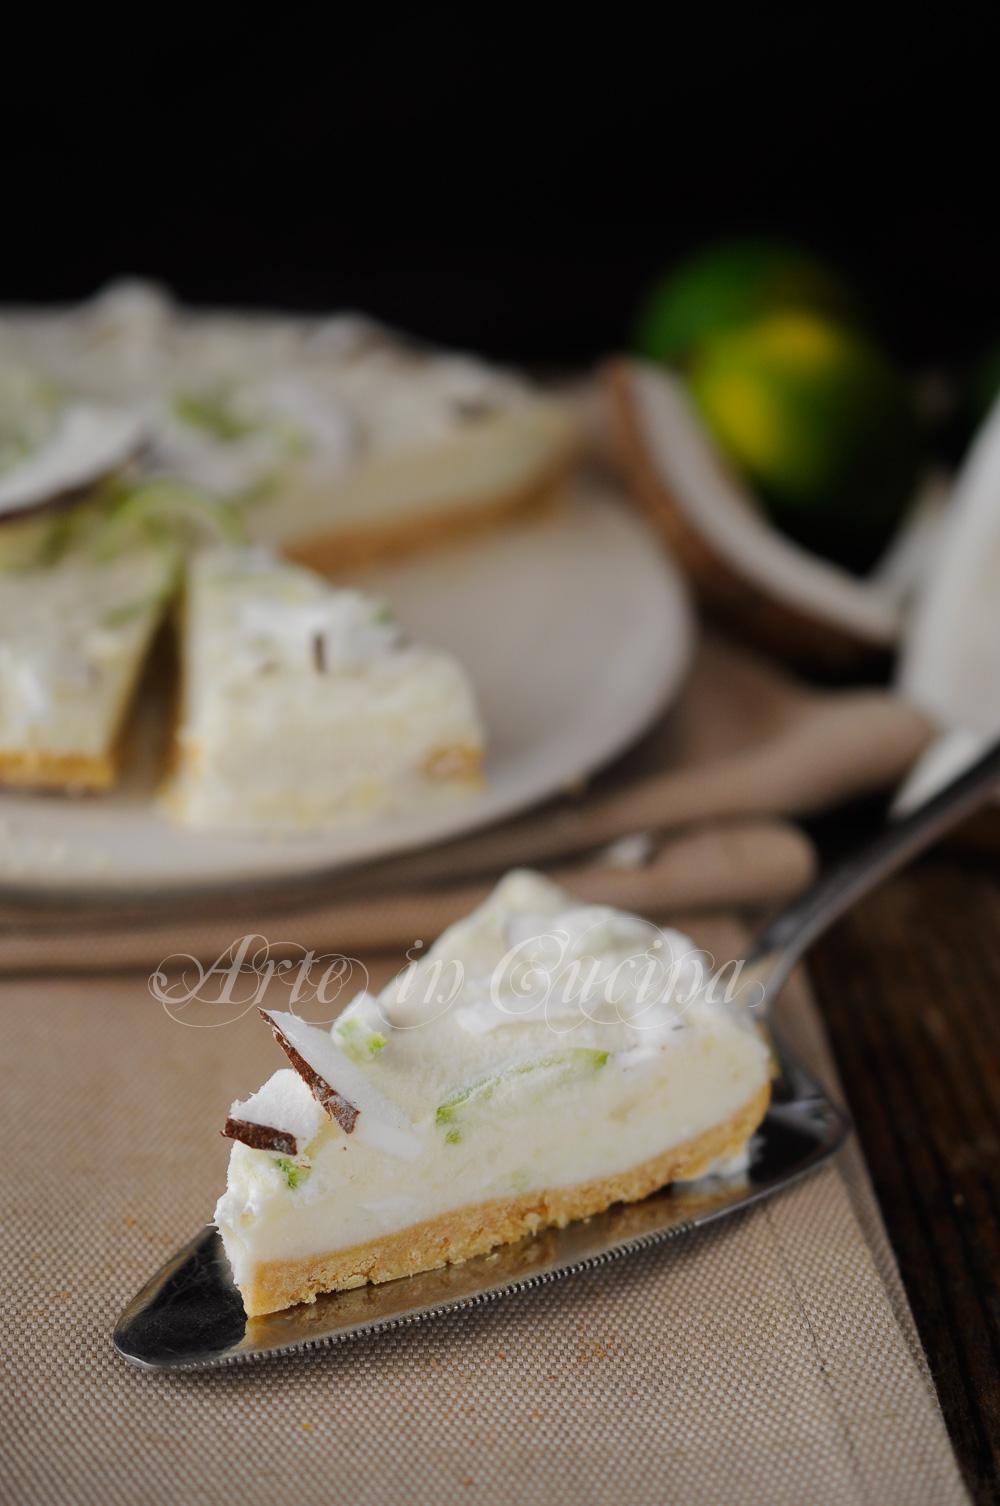 Cheesecake al cocco e lime alla ricotta dolce veloce vickyart arte in cucina